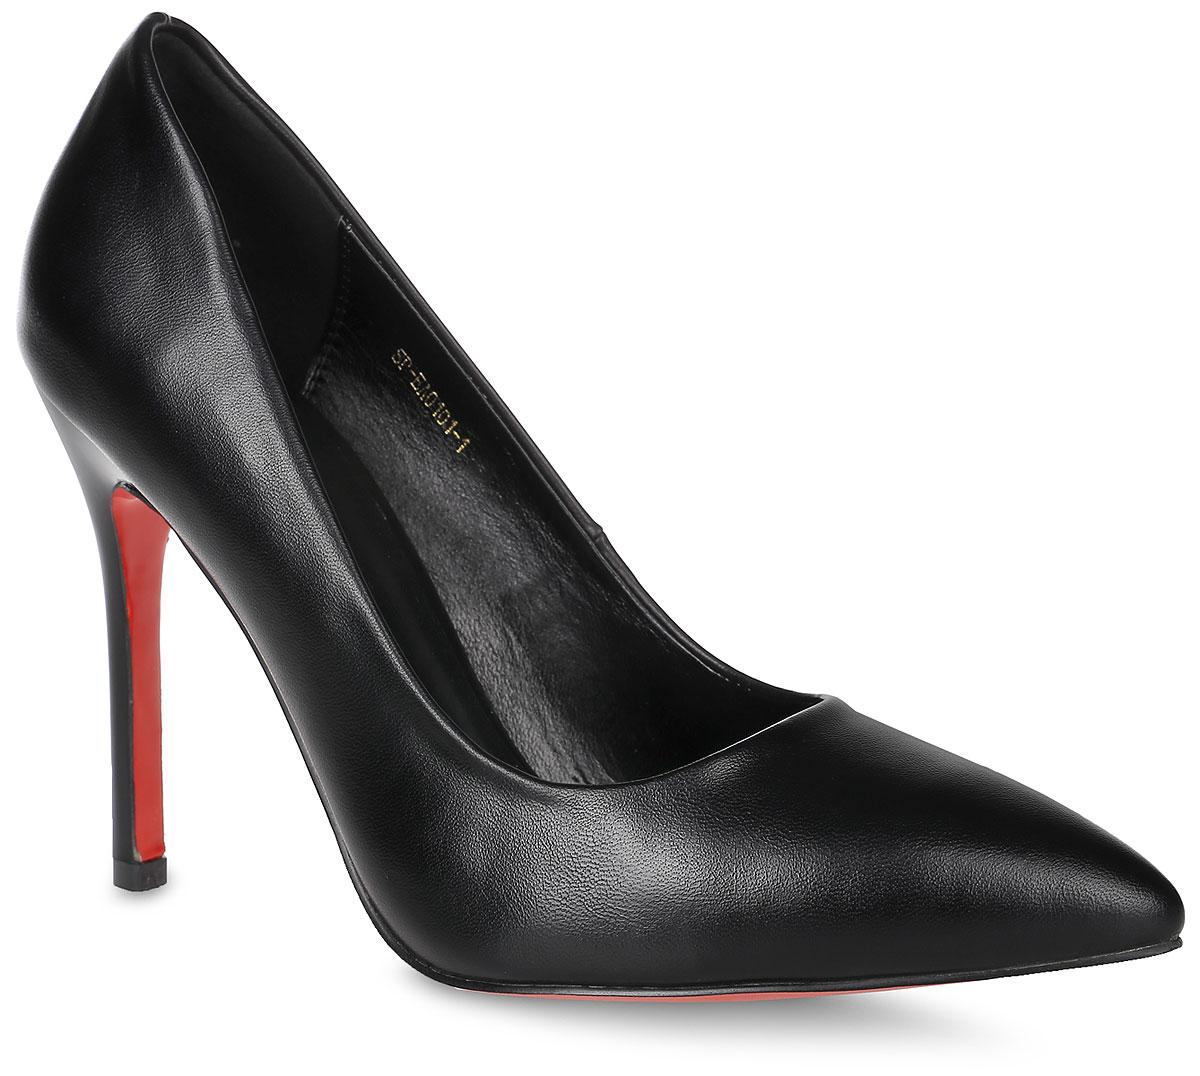 SP-EA0101-1Элегантные туфли выполнены из искусственной кожи. Стелька выполнена из натуральной кожи, которая обеспечит комфорт при движении и предотвратит натирание. Модель оснащена высоким каблуком - шпилькой. Подошва выполнена из термопластичного материала.